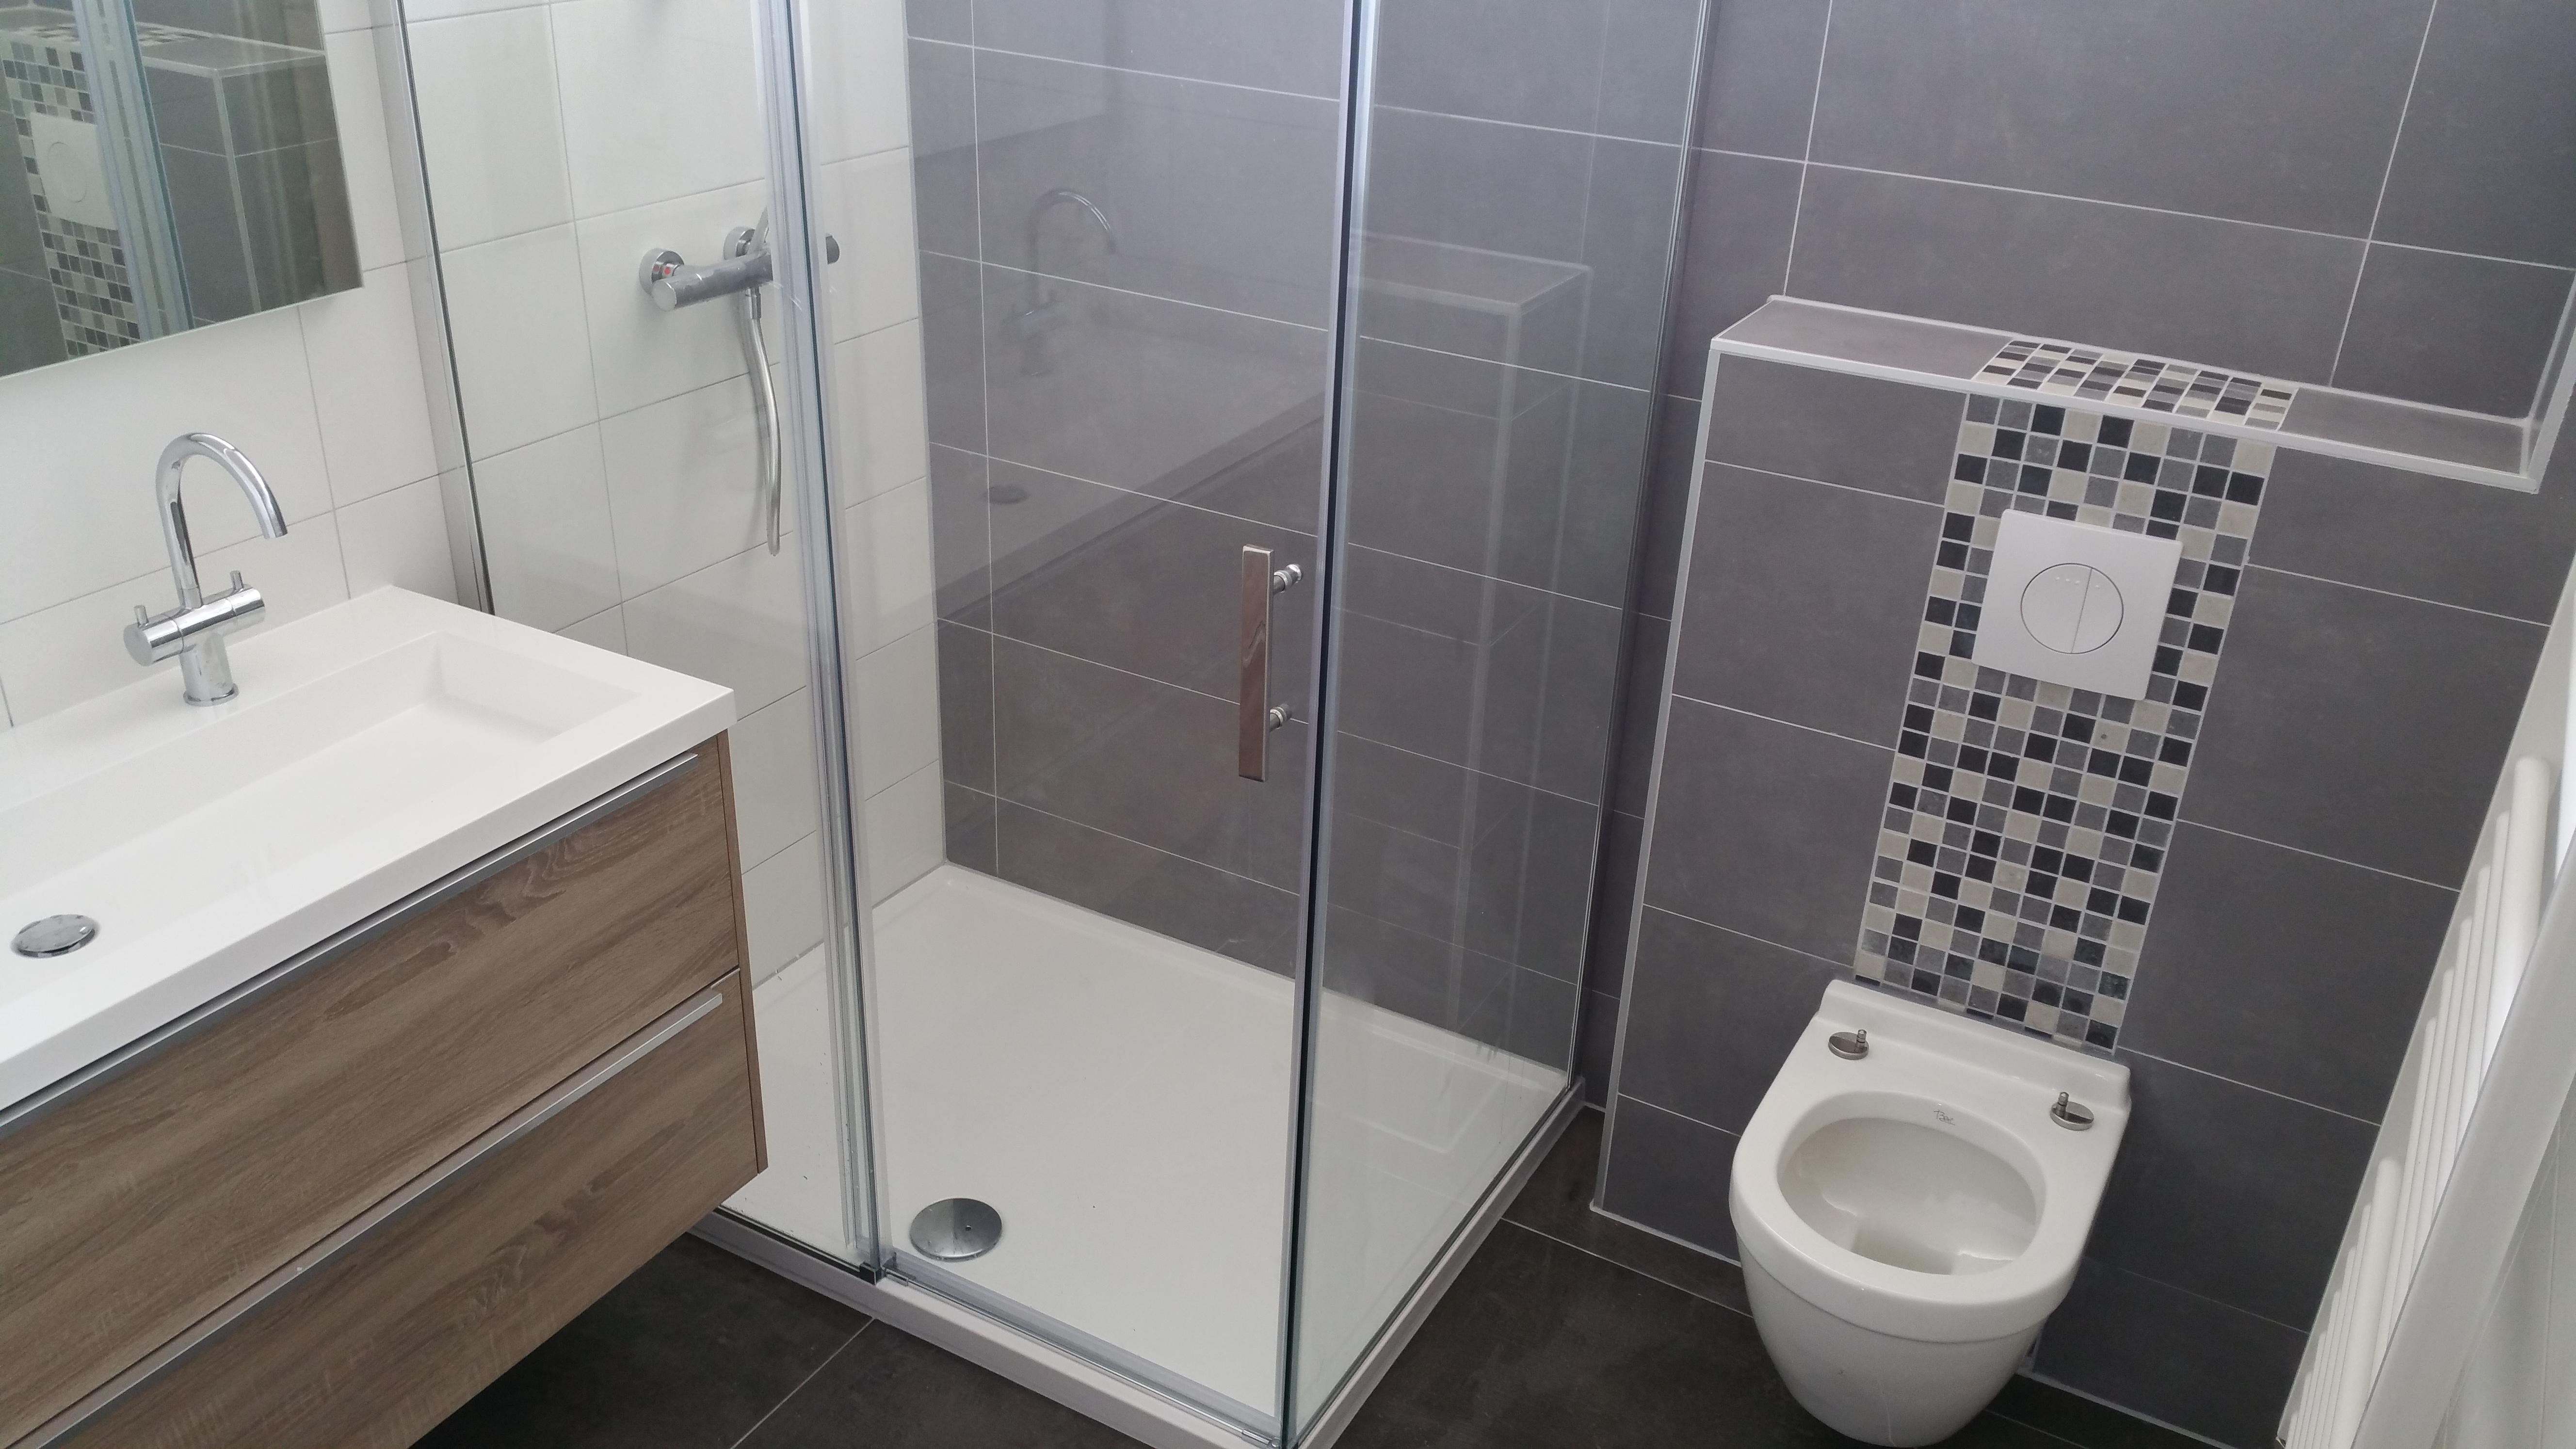 Renovatie/Verbouwen van uw badkamer? Compleet van A tot Z... Dan bent u hier op het goede adres.